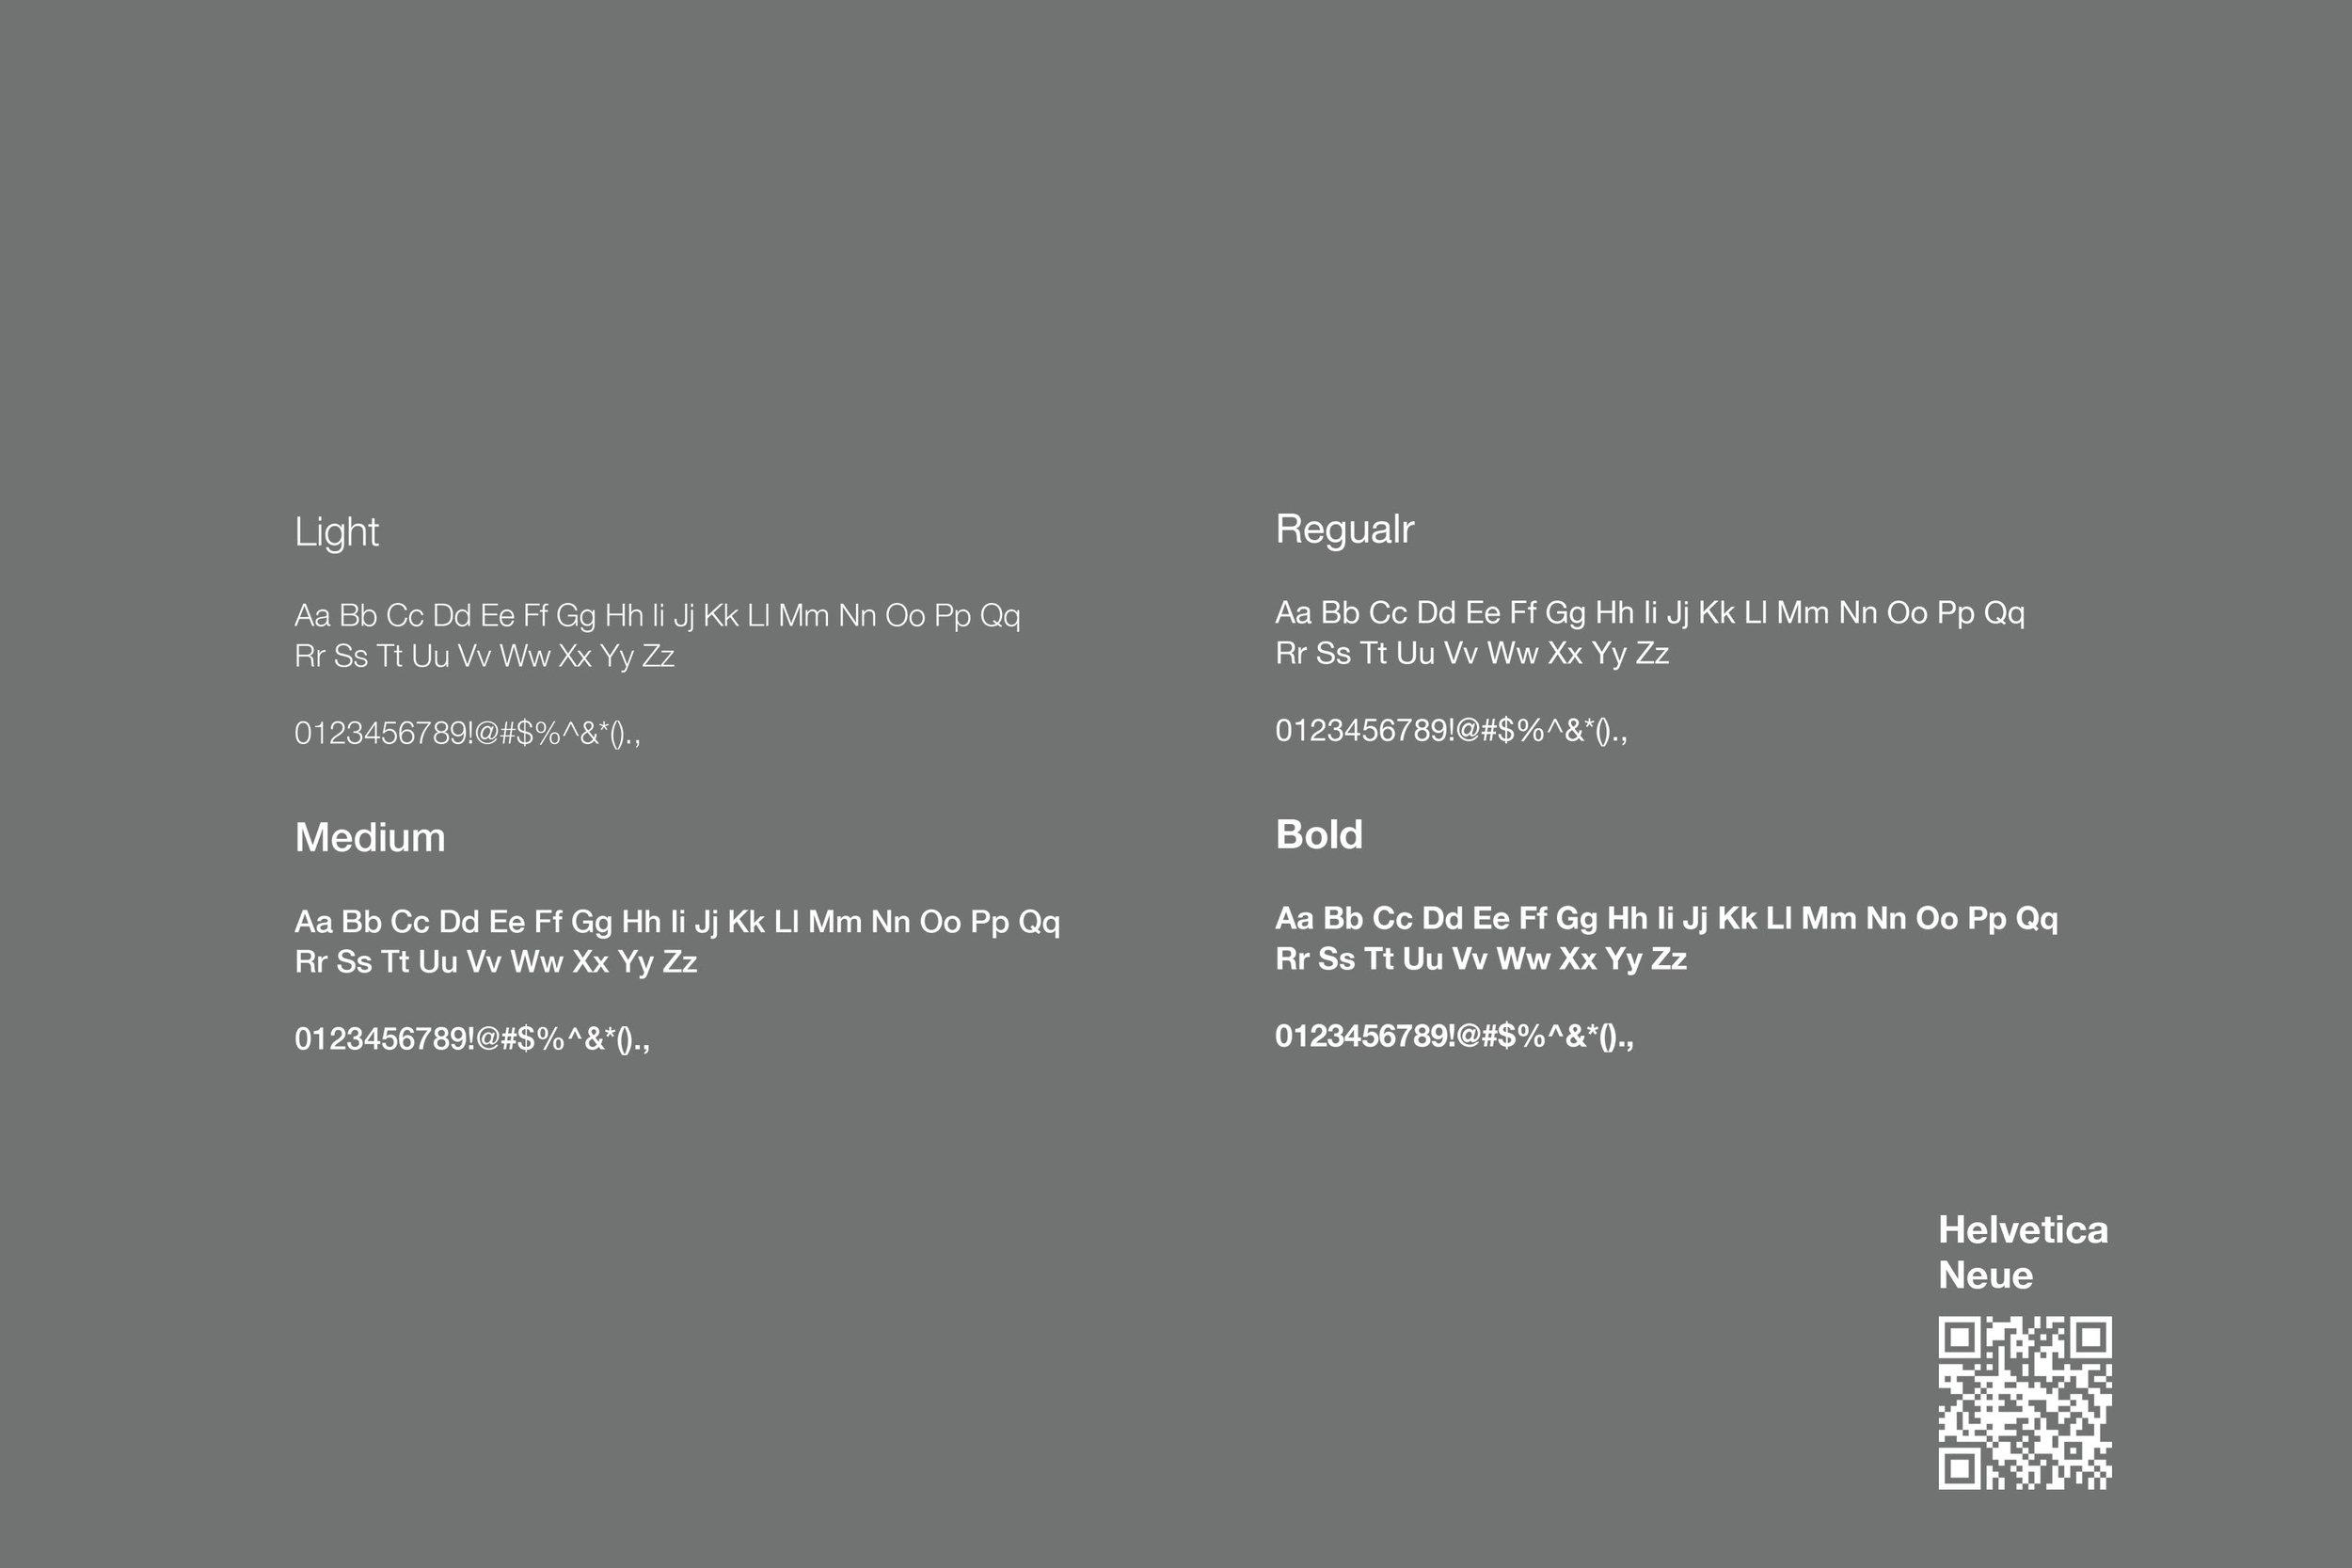 15.-hpo-identity-presentation.jpg